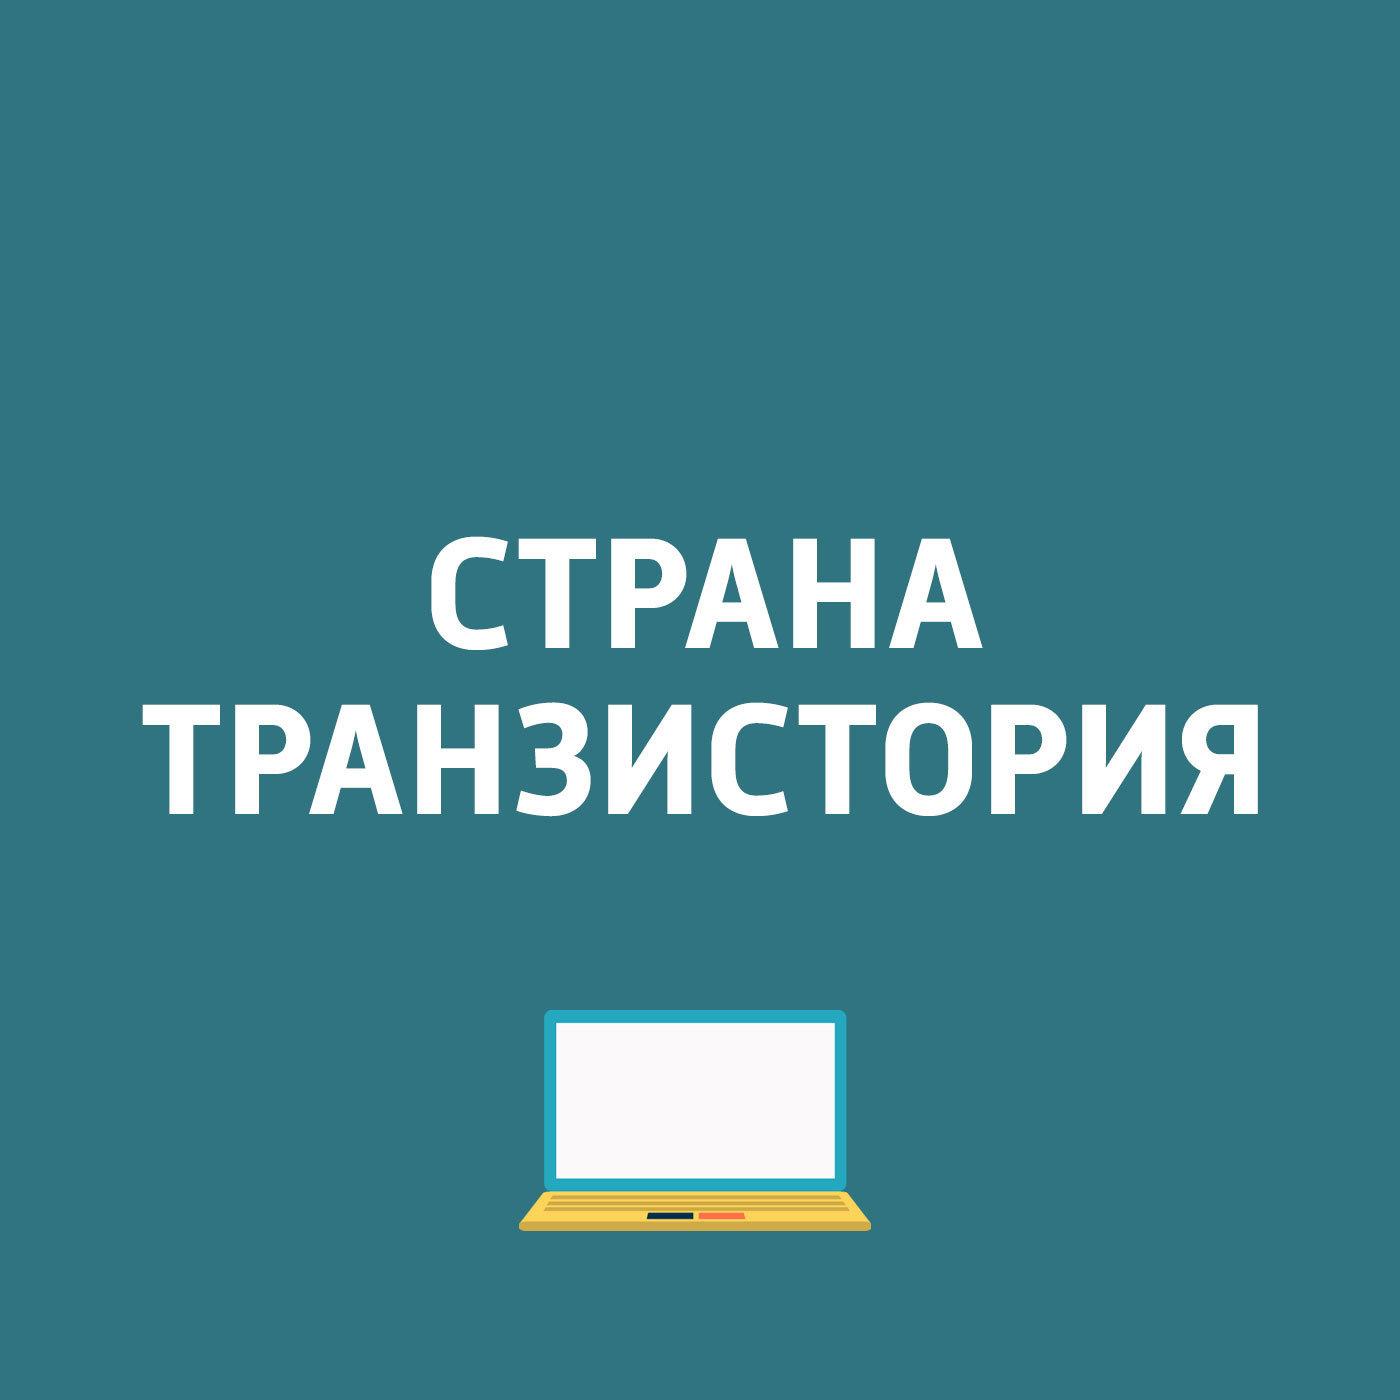 Картаев Павел Apple сделала iMovie, GarageBand и iWork бесплатными для всех... зу partner nokia 3310